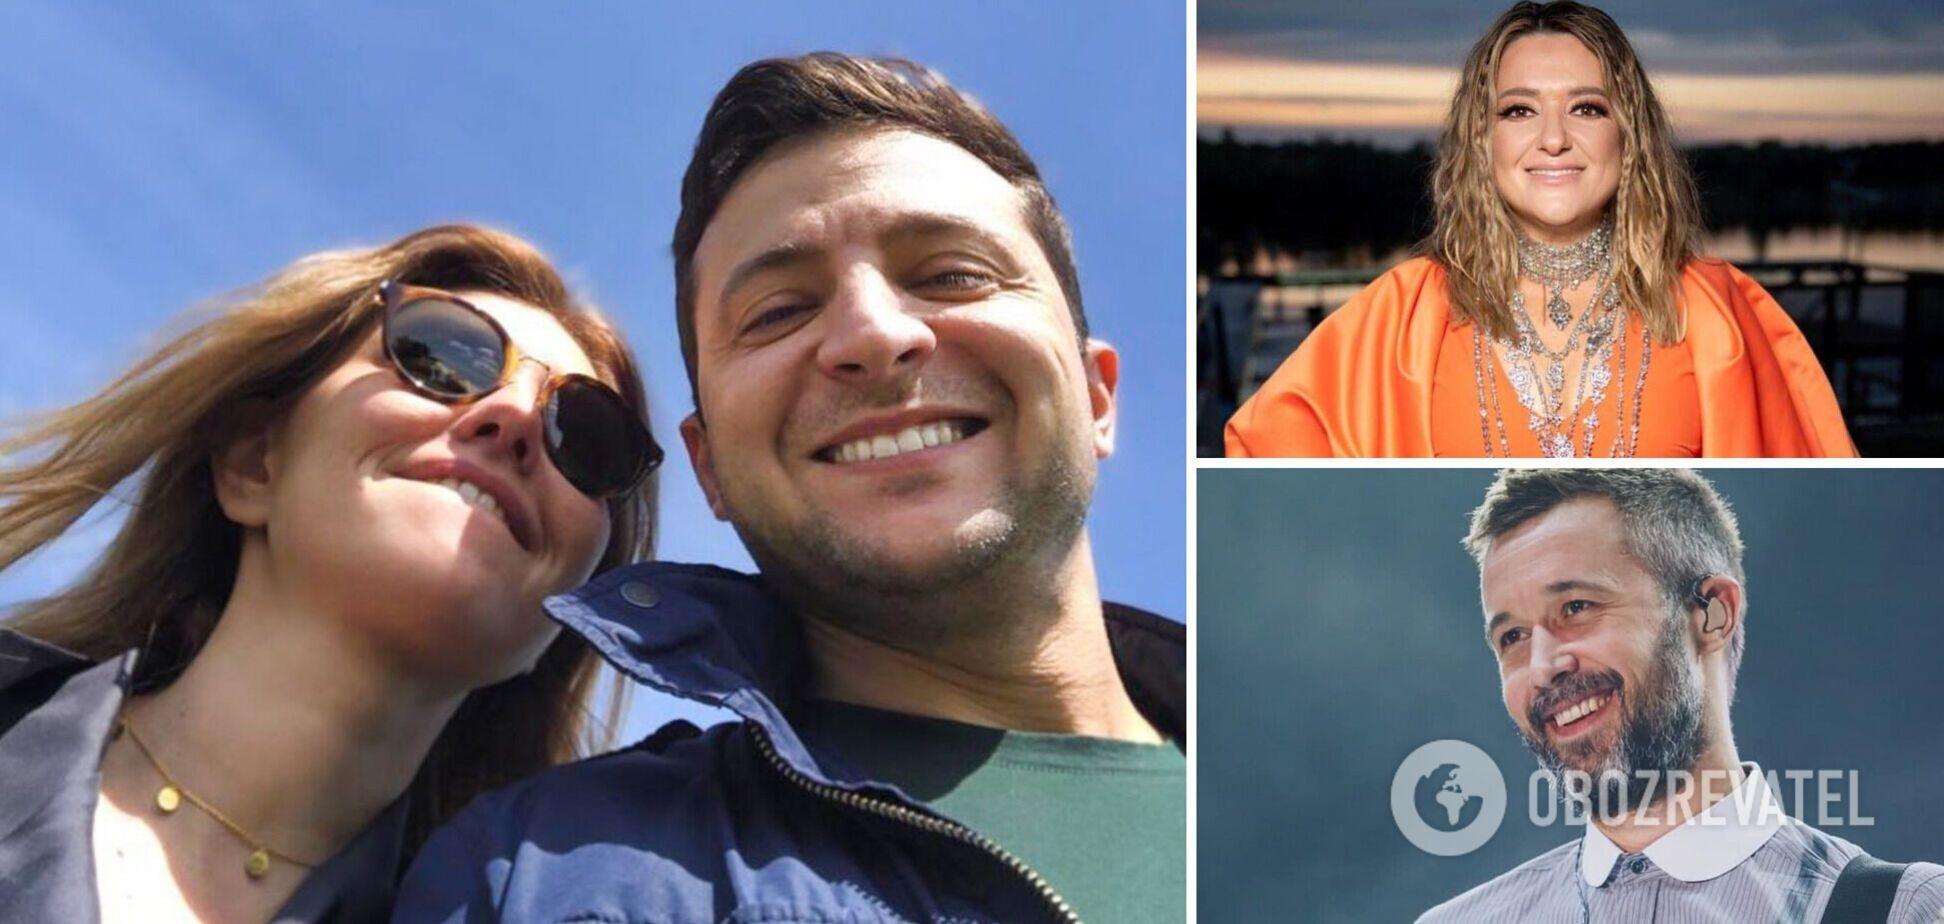 Звезды украинского шоу-бизнеса спели вместе на 'Олимпийском' в кругу президента и первой леди. Видео